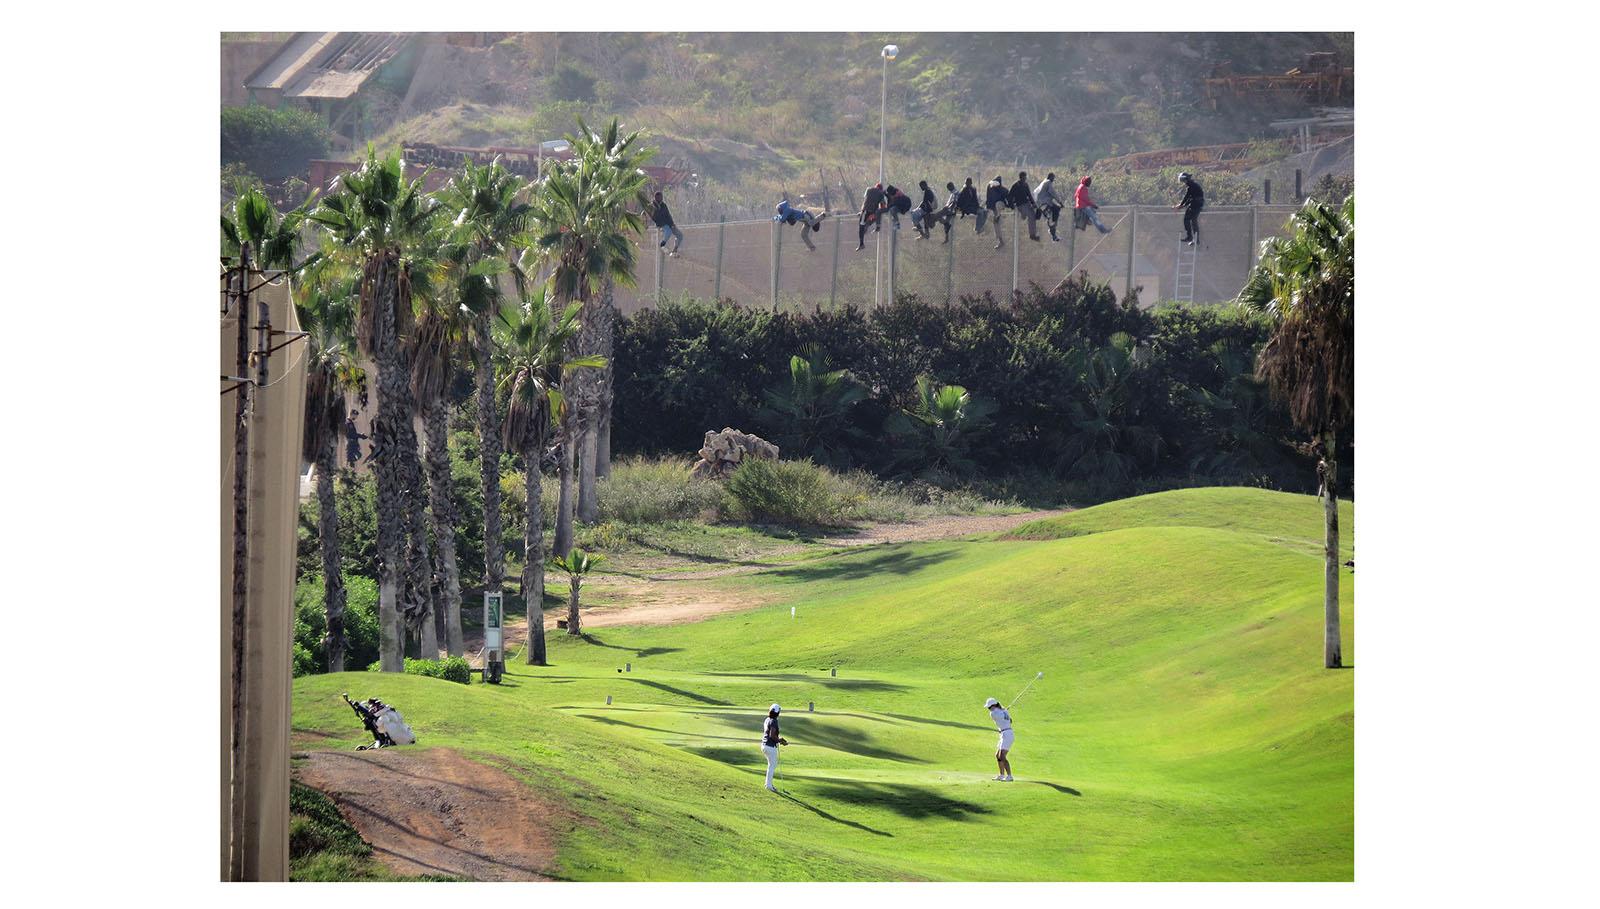 l 22 de octubre de 2014 un grupo de inmigrantes resiste sobre la valla de Melilla, mientras un agente de las fuerzas de seguridad intenta que desciendan. En frente y simultáneamente, dos jugadoras continúan su partido en un campo de golf situado junto a la frontera y pagado con fondos europeos.